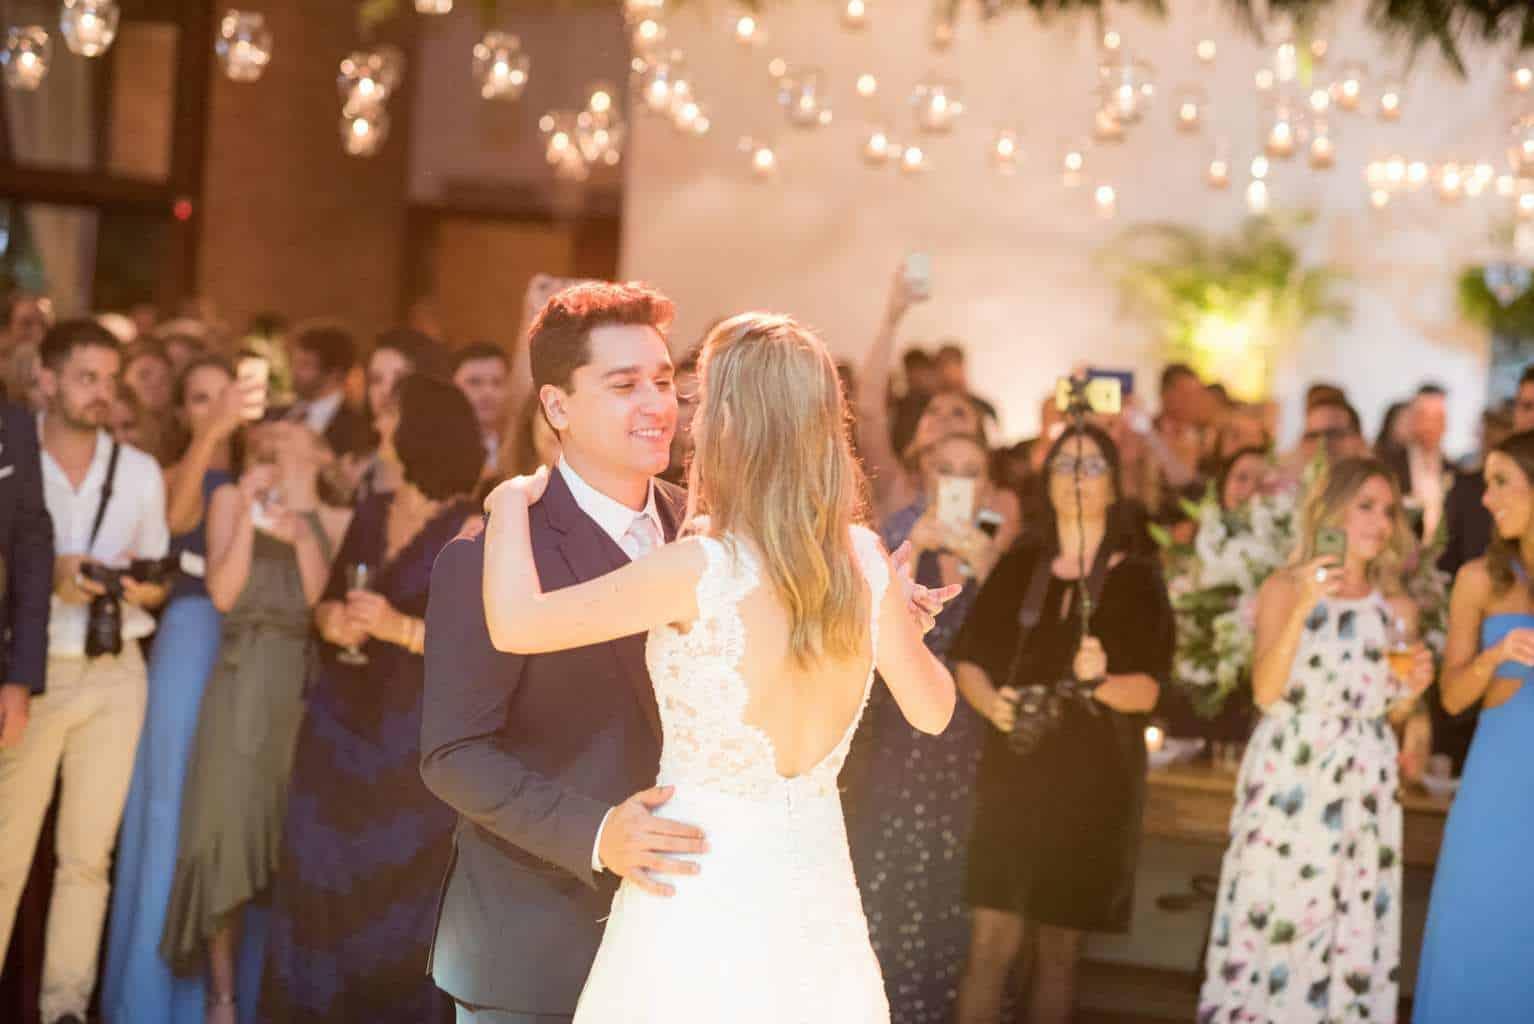 casamento-de-dia-casamento-Nicole-e-Thales-casamento-no-jardim-csasamento-ao-ar-livre-Fotografia-Marina-Fava-Galeria-Jardim-Rio-de-Janeiro-119